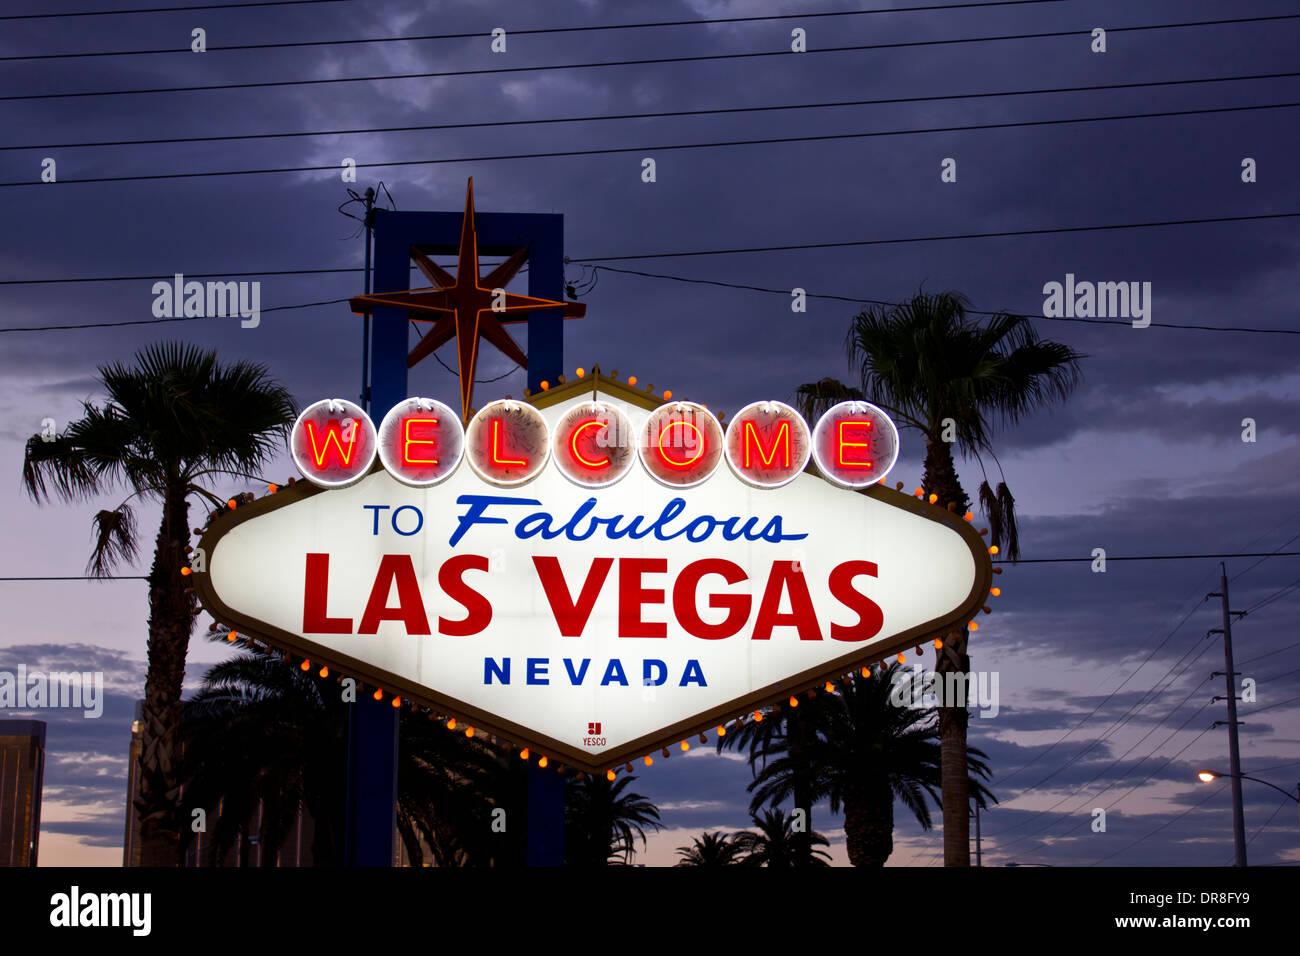 Illuminated signage of Las Vegas - Stock Image